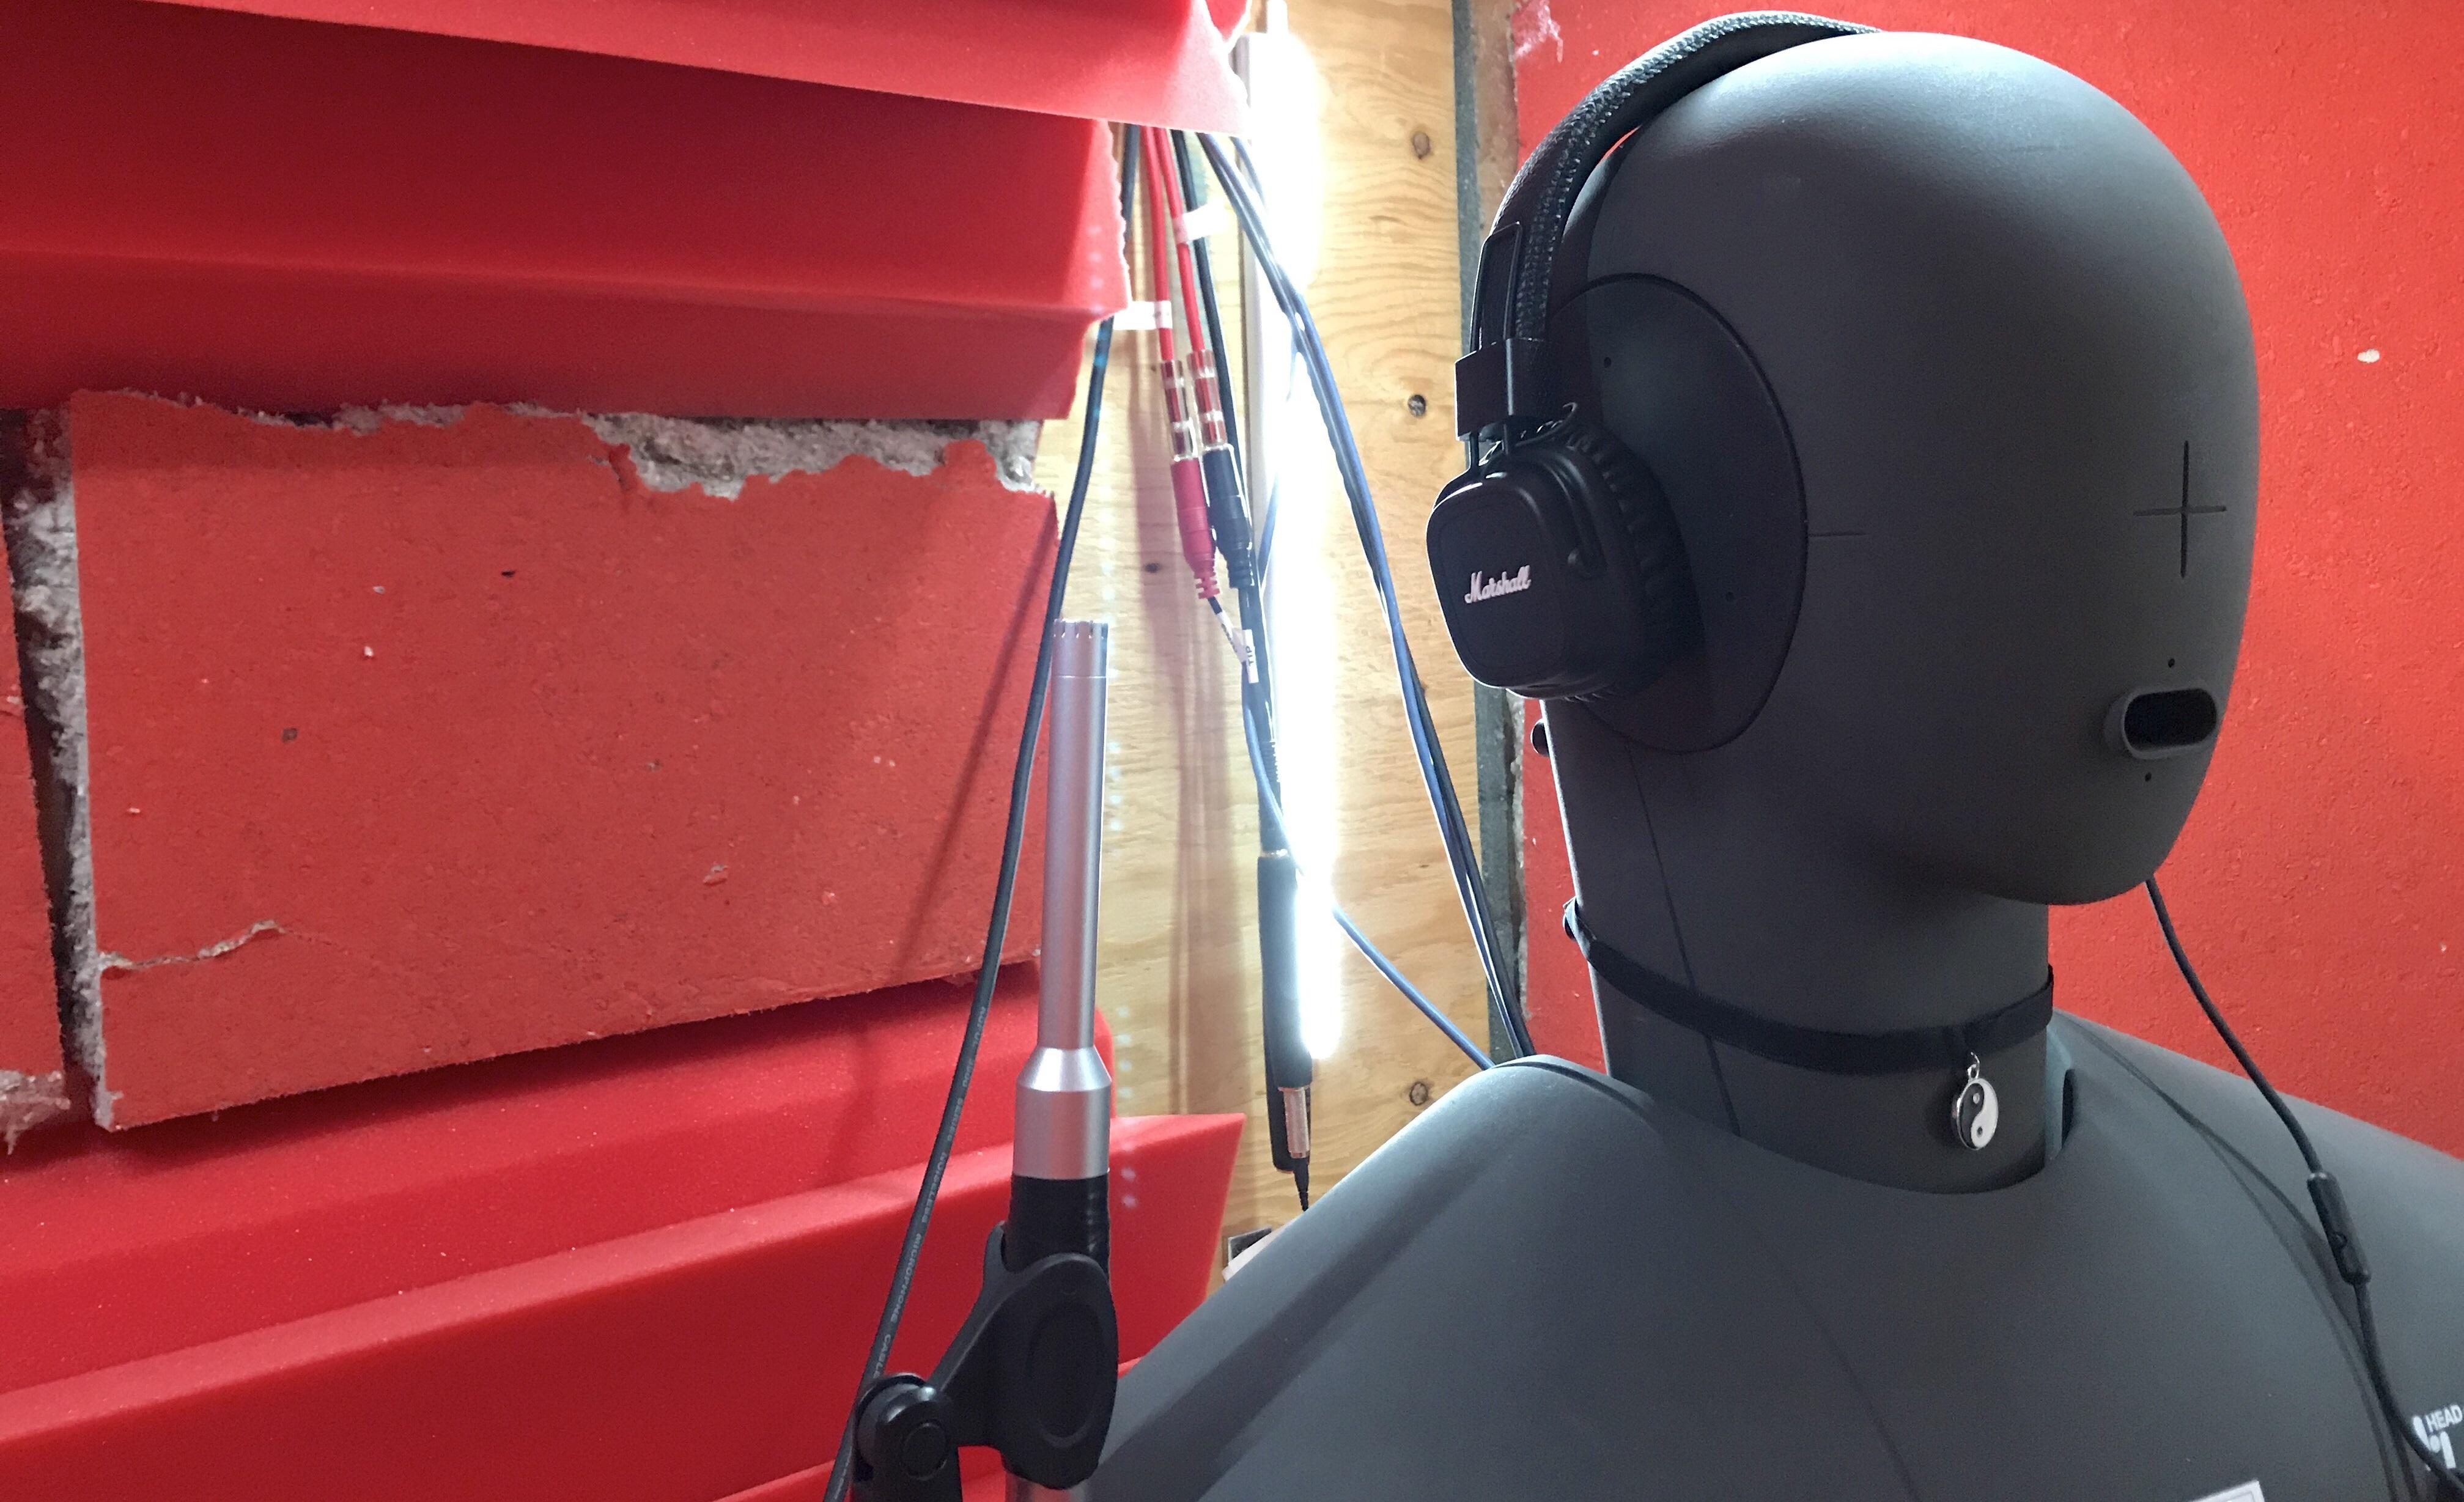 Sound Leakage Of Headphones